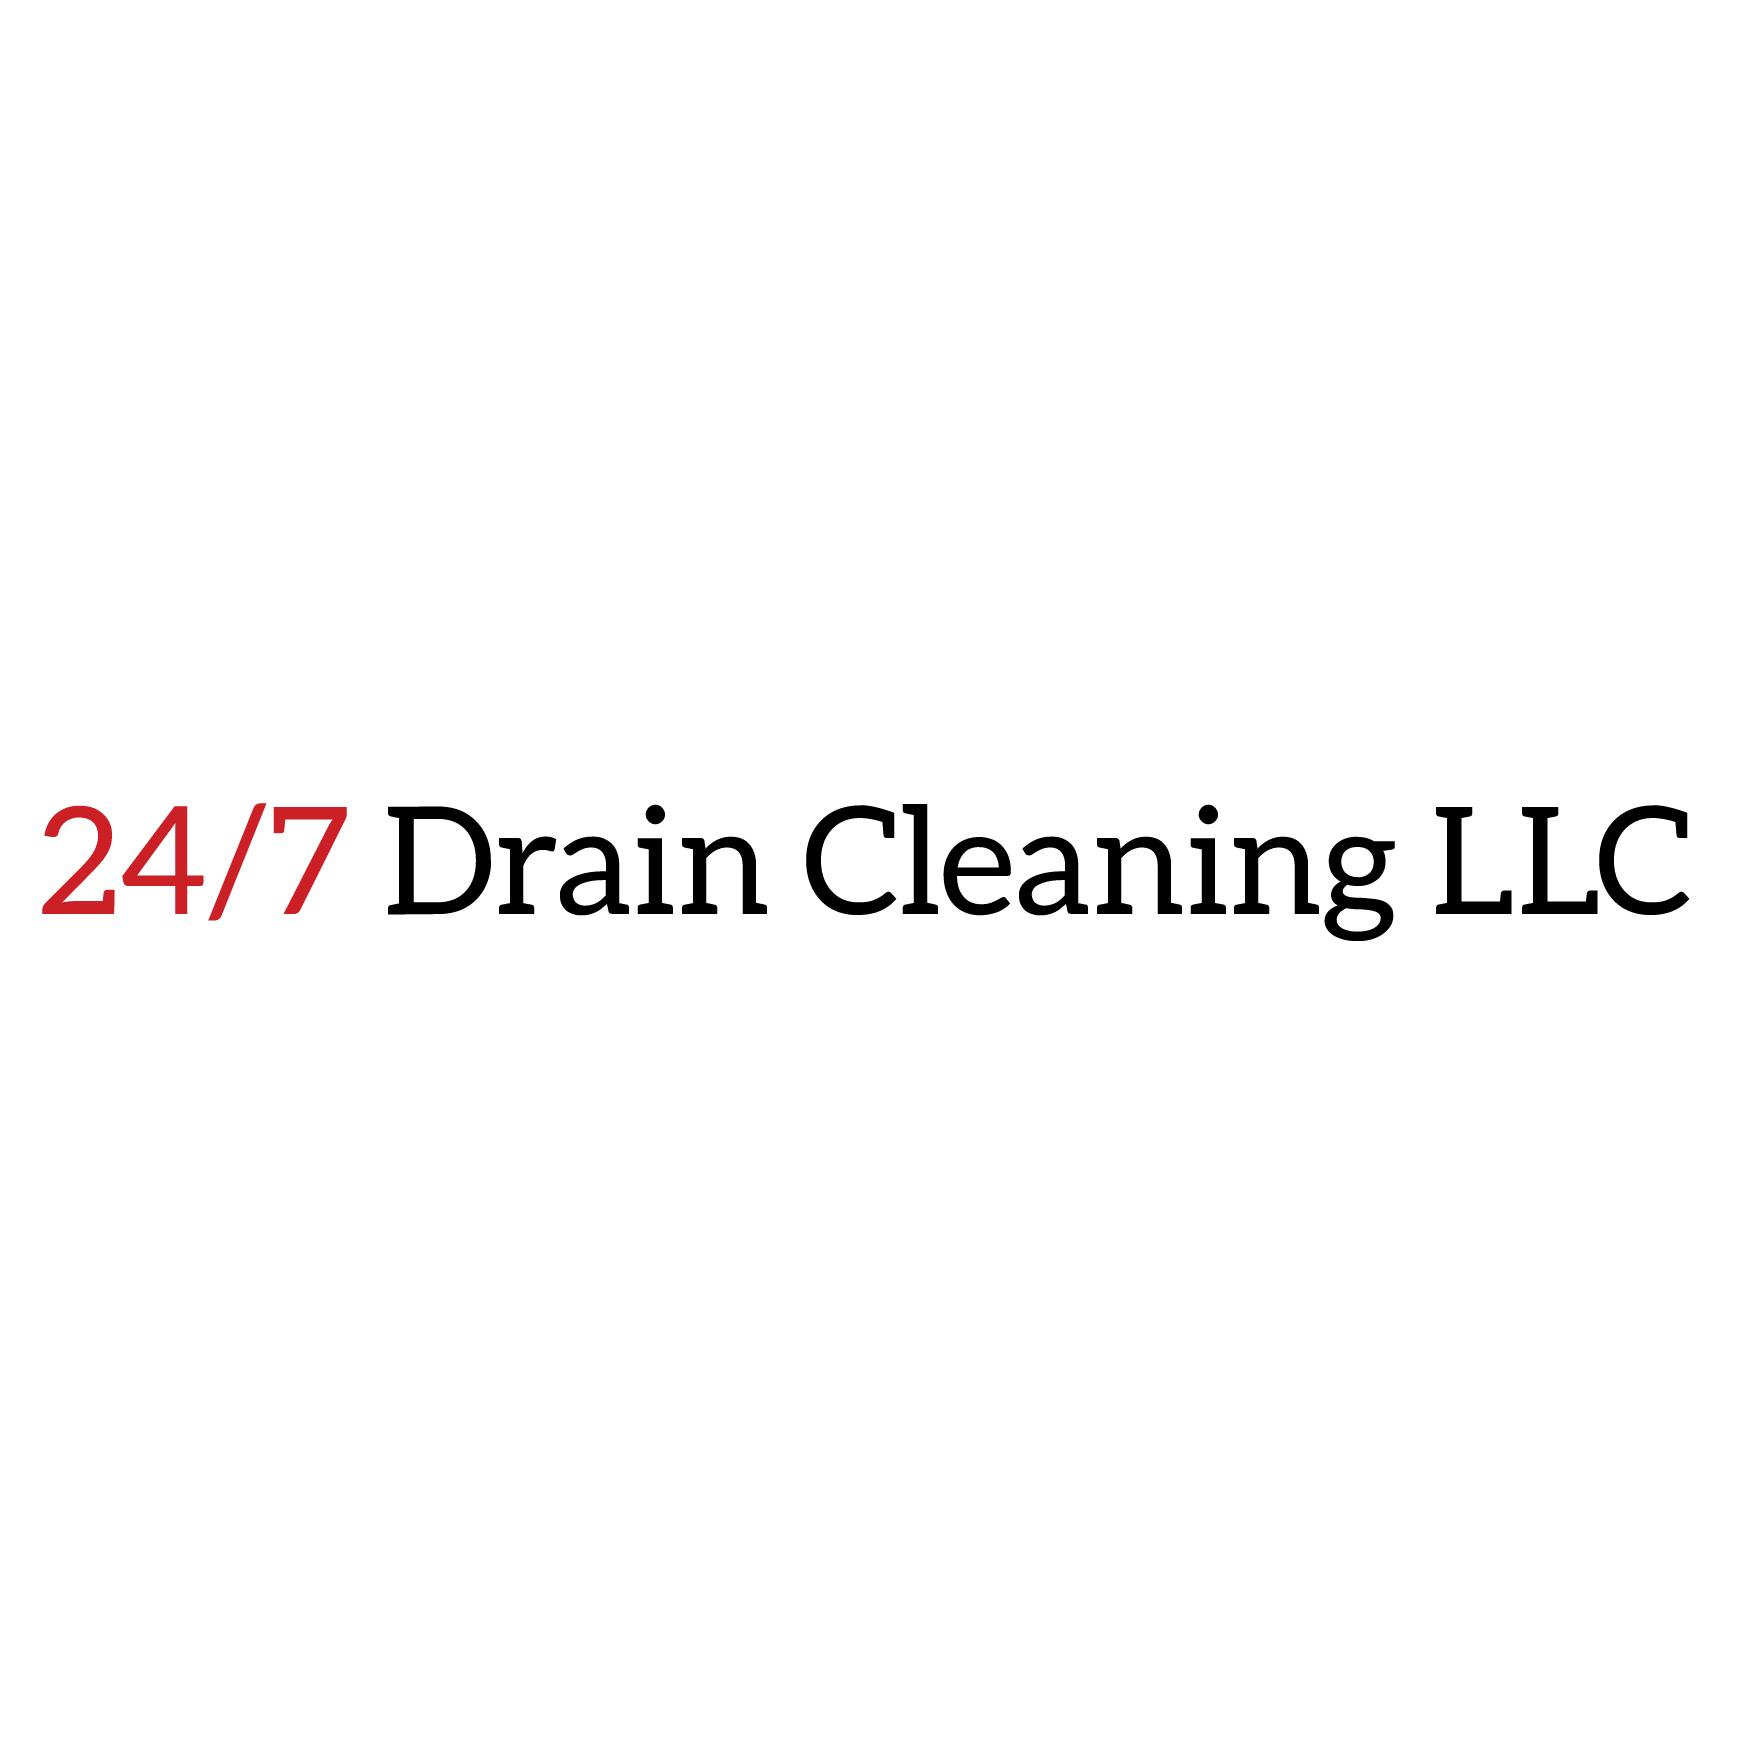 24/7 Drain Cleaning LLC